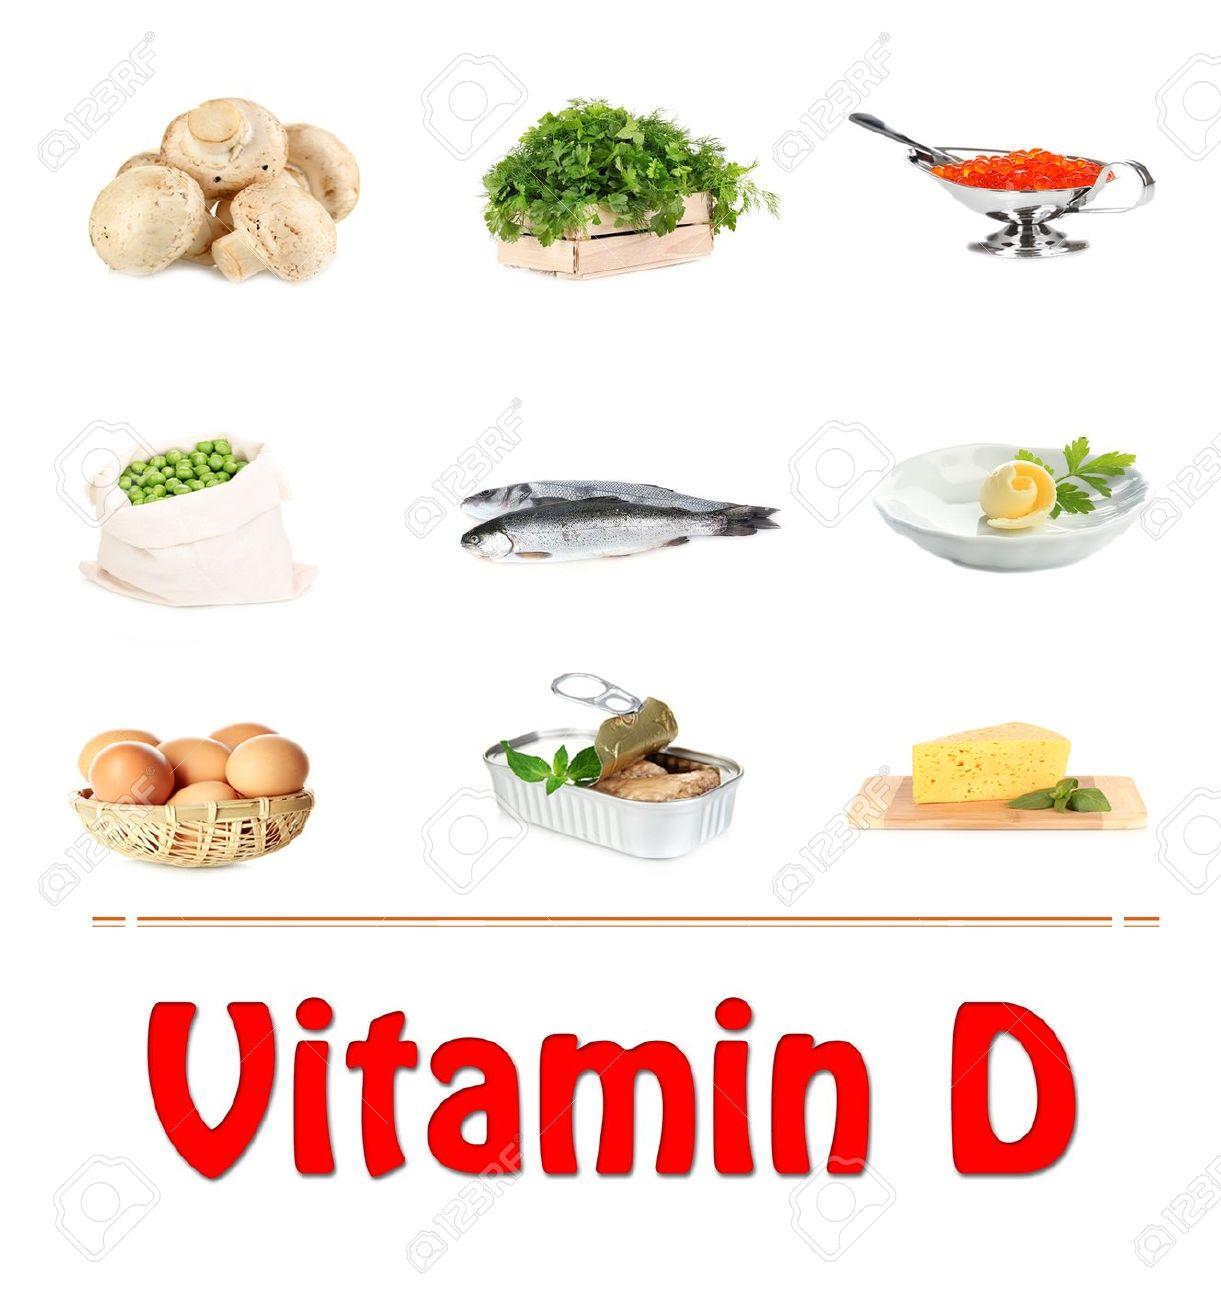 Voedsel Bronnen Van Vitamine D Geisoleerd Op Wit Royalty Vrije Foto Plaatjes Beelden En Stock Fotografie Image 21761724